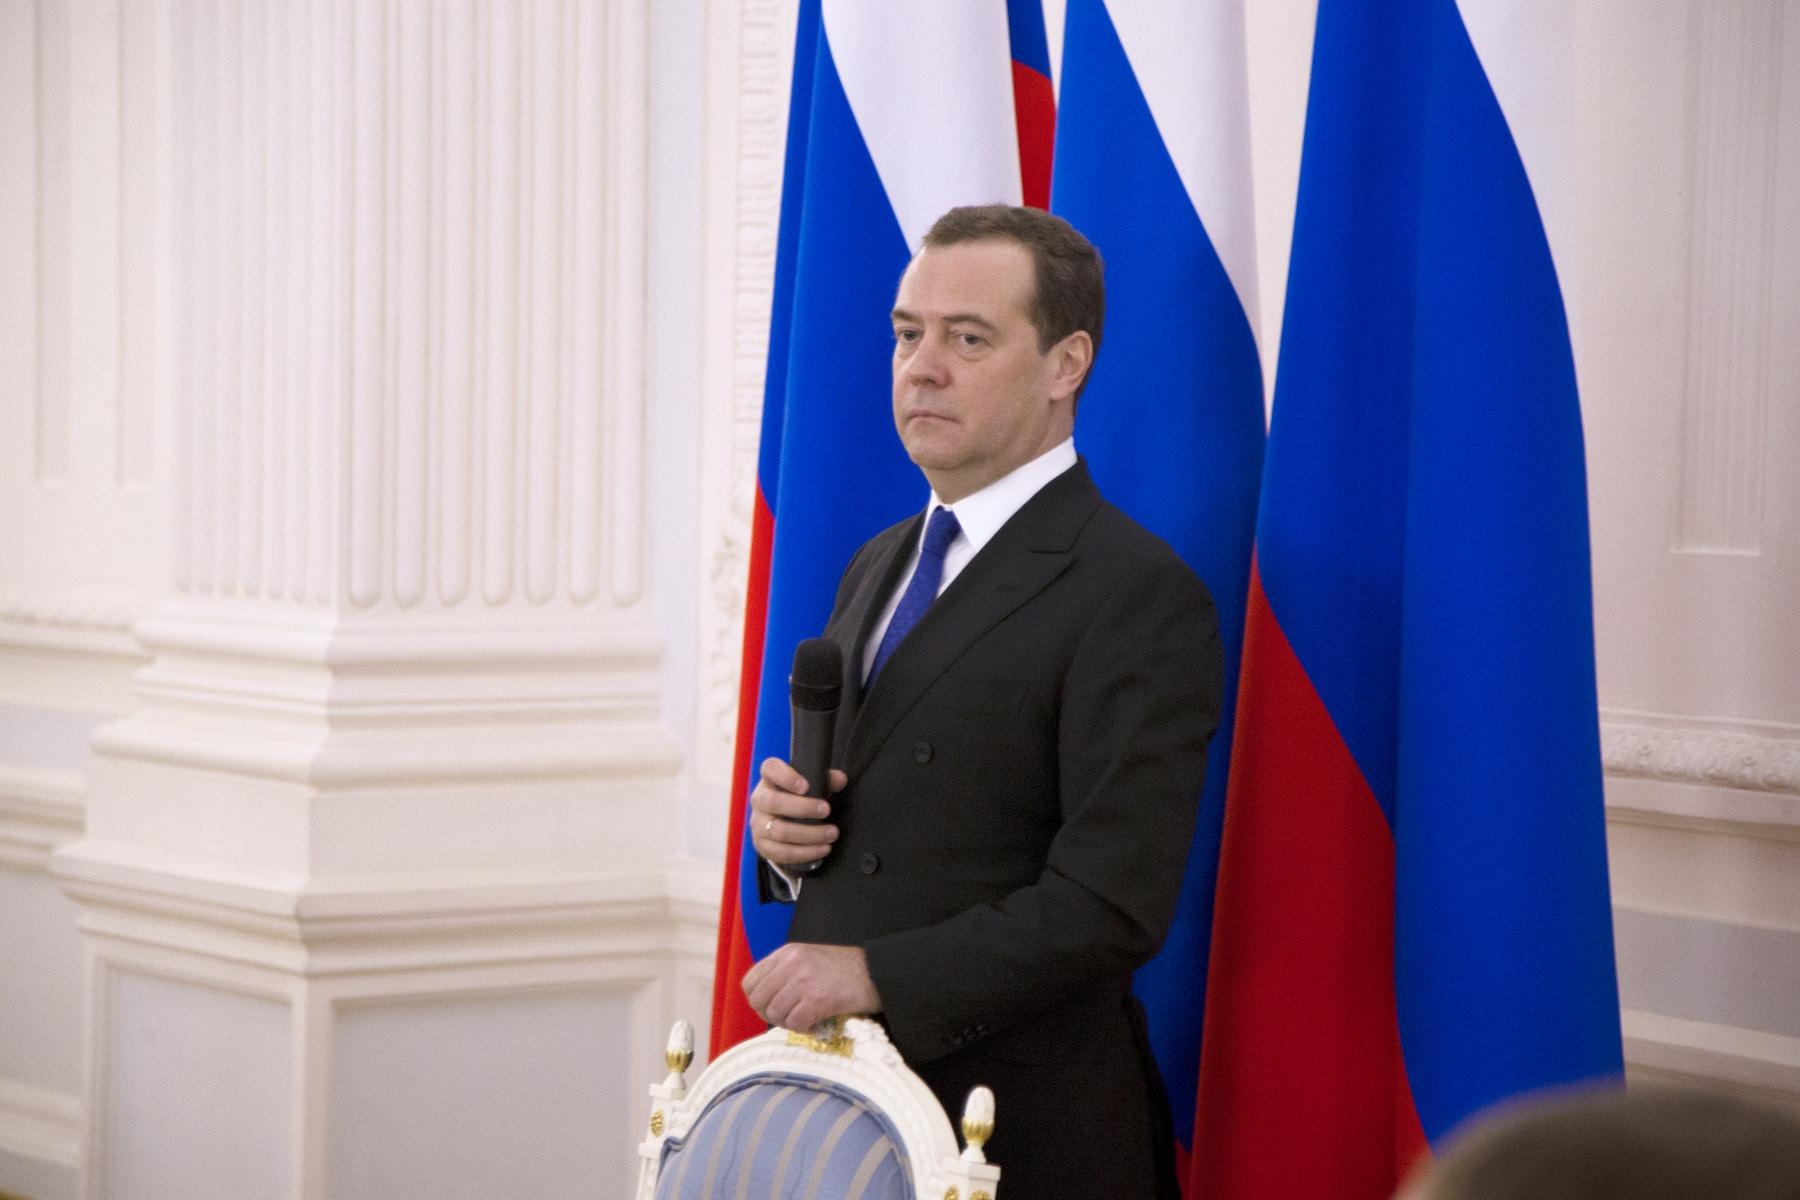 Дмитрий Медведев встретился с детьми-героями, волонтерами-спасателями, активистами МГЕР и представителями «Боевого братства»